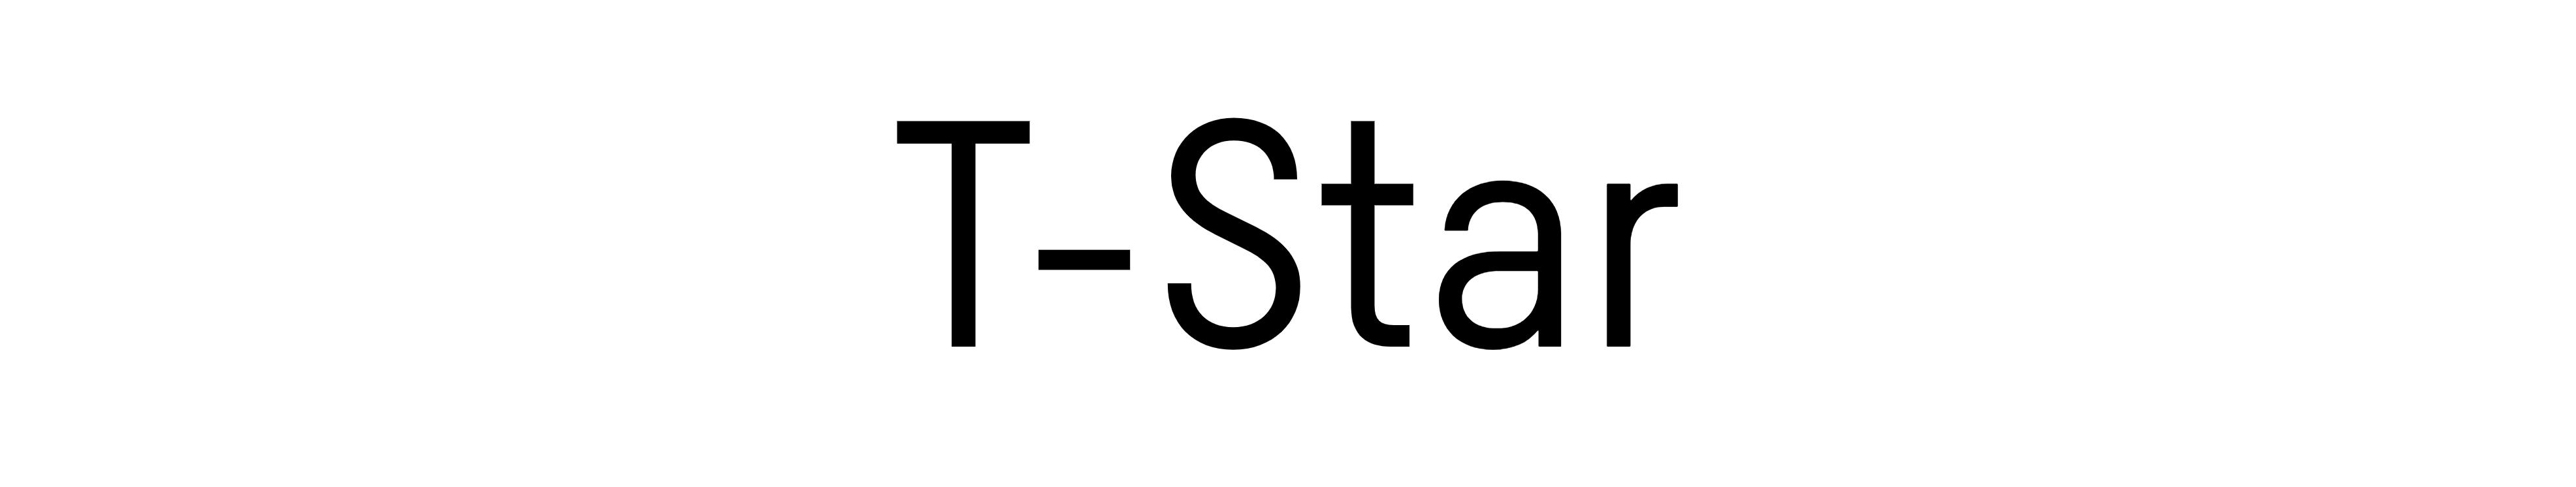 T-Star